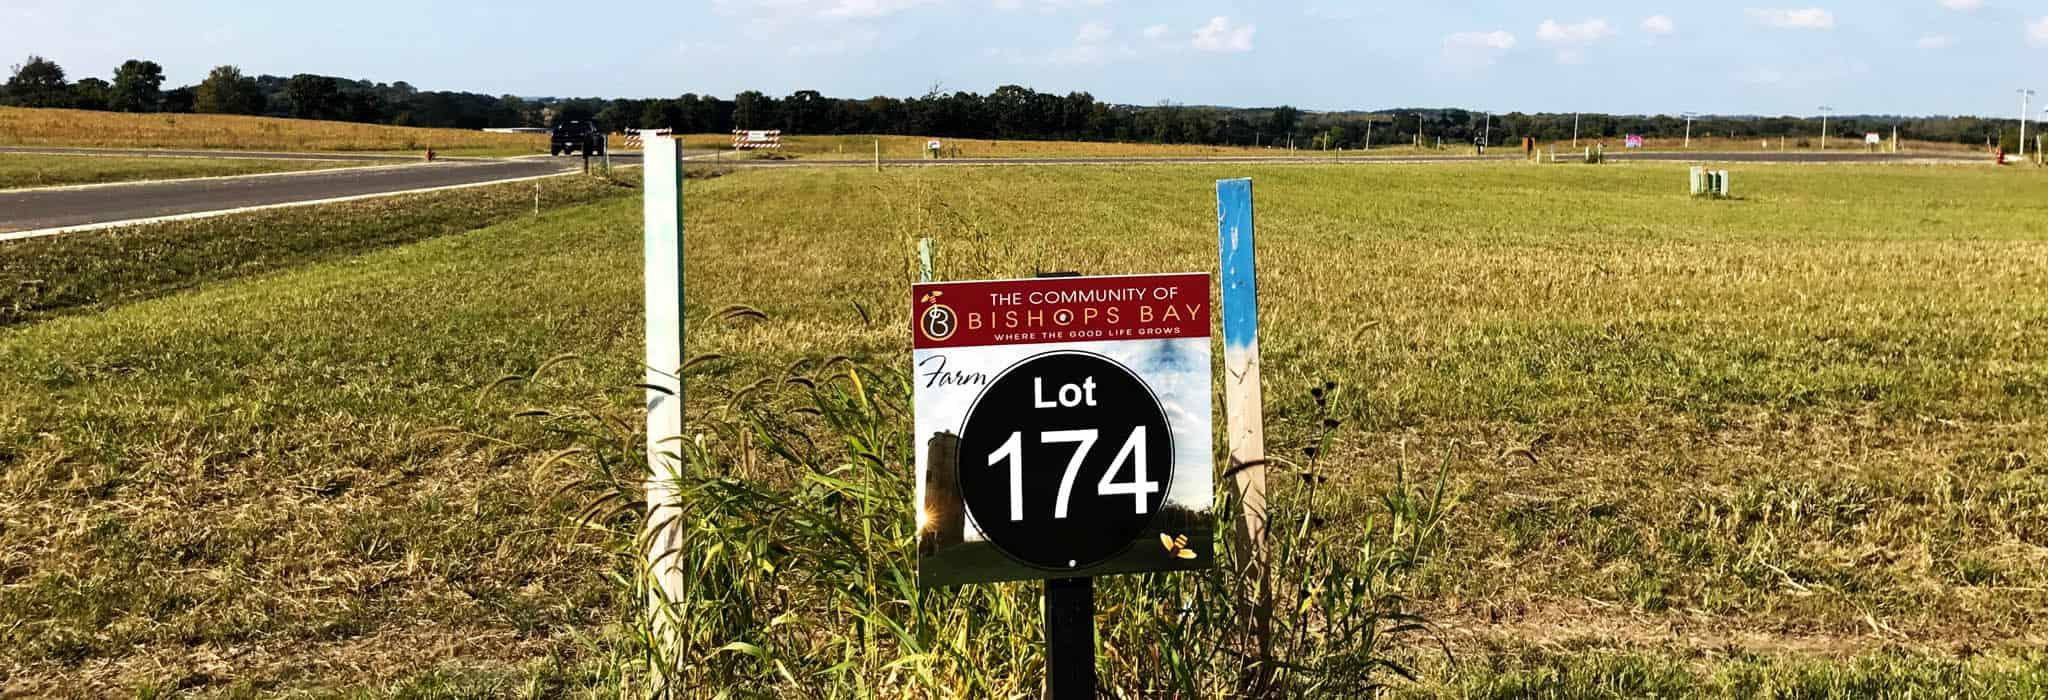 Farm Lot 174